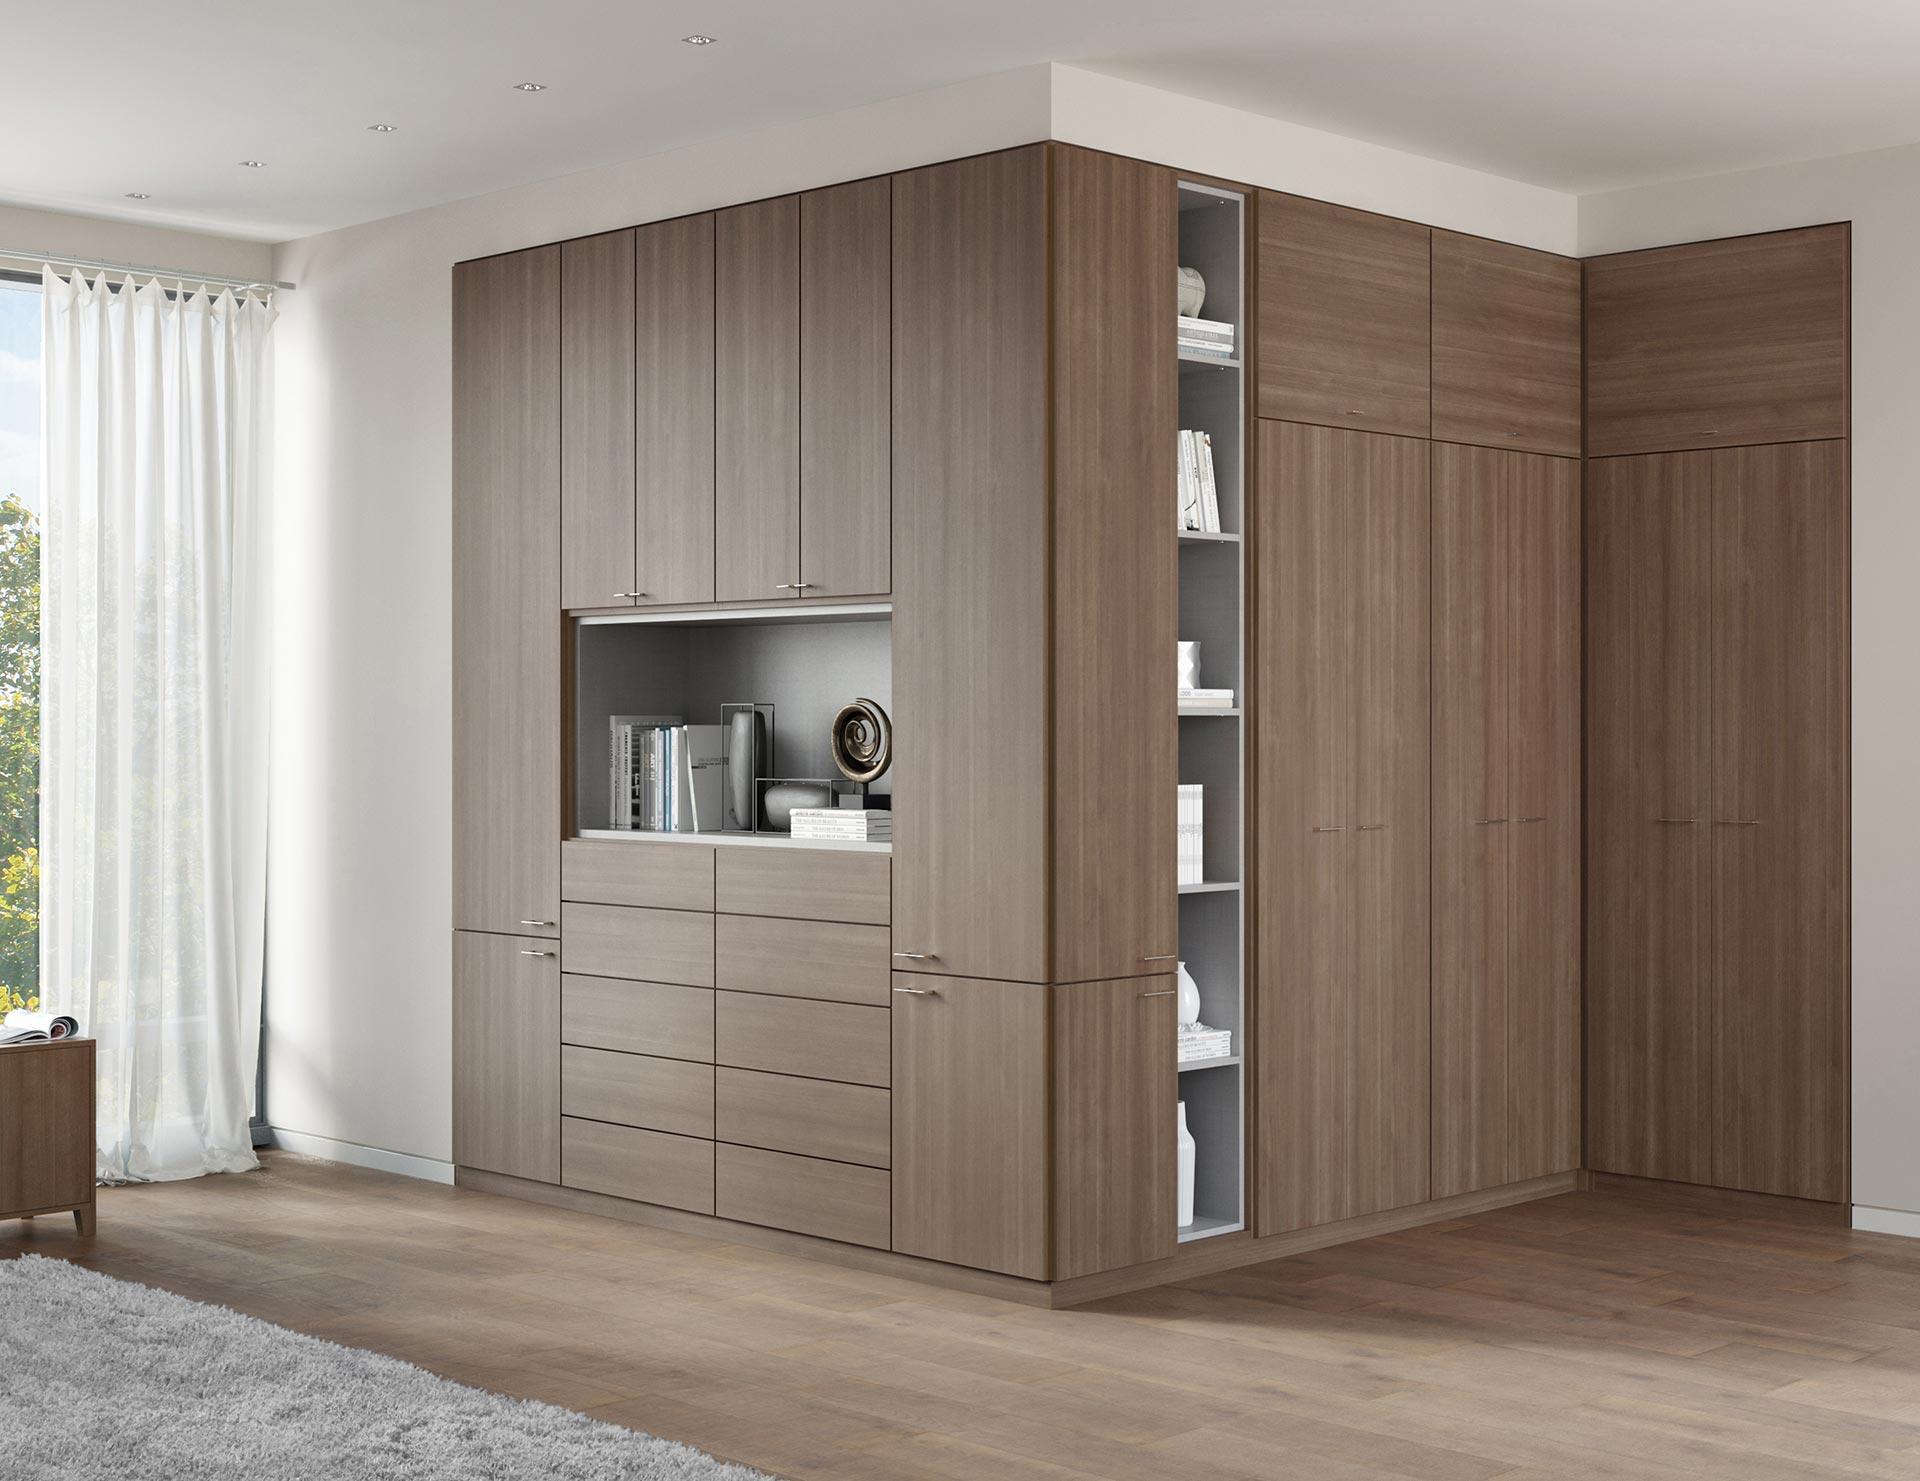 Wardrobe Closet soho built-in wardrobe closet WIAKOLD